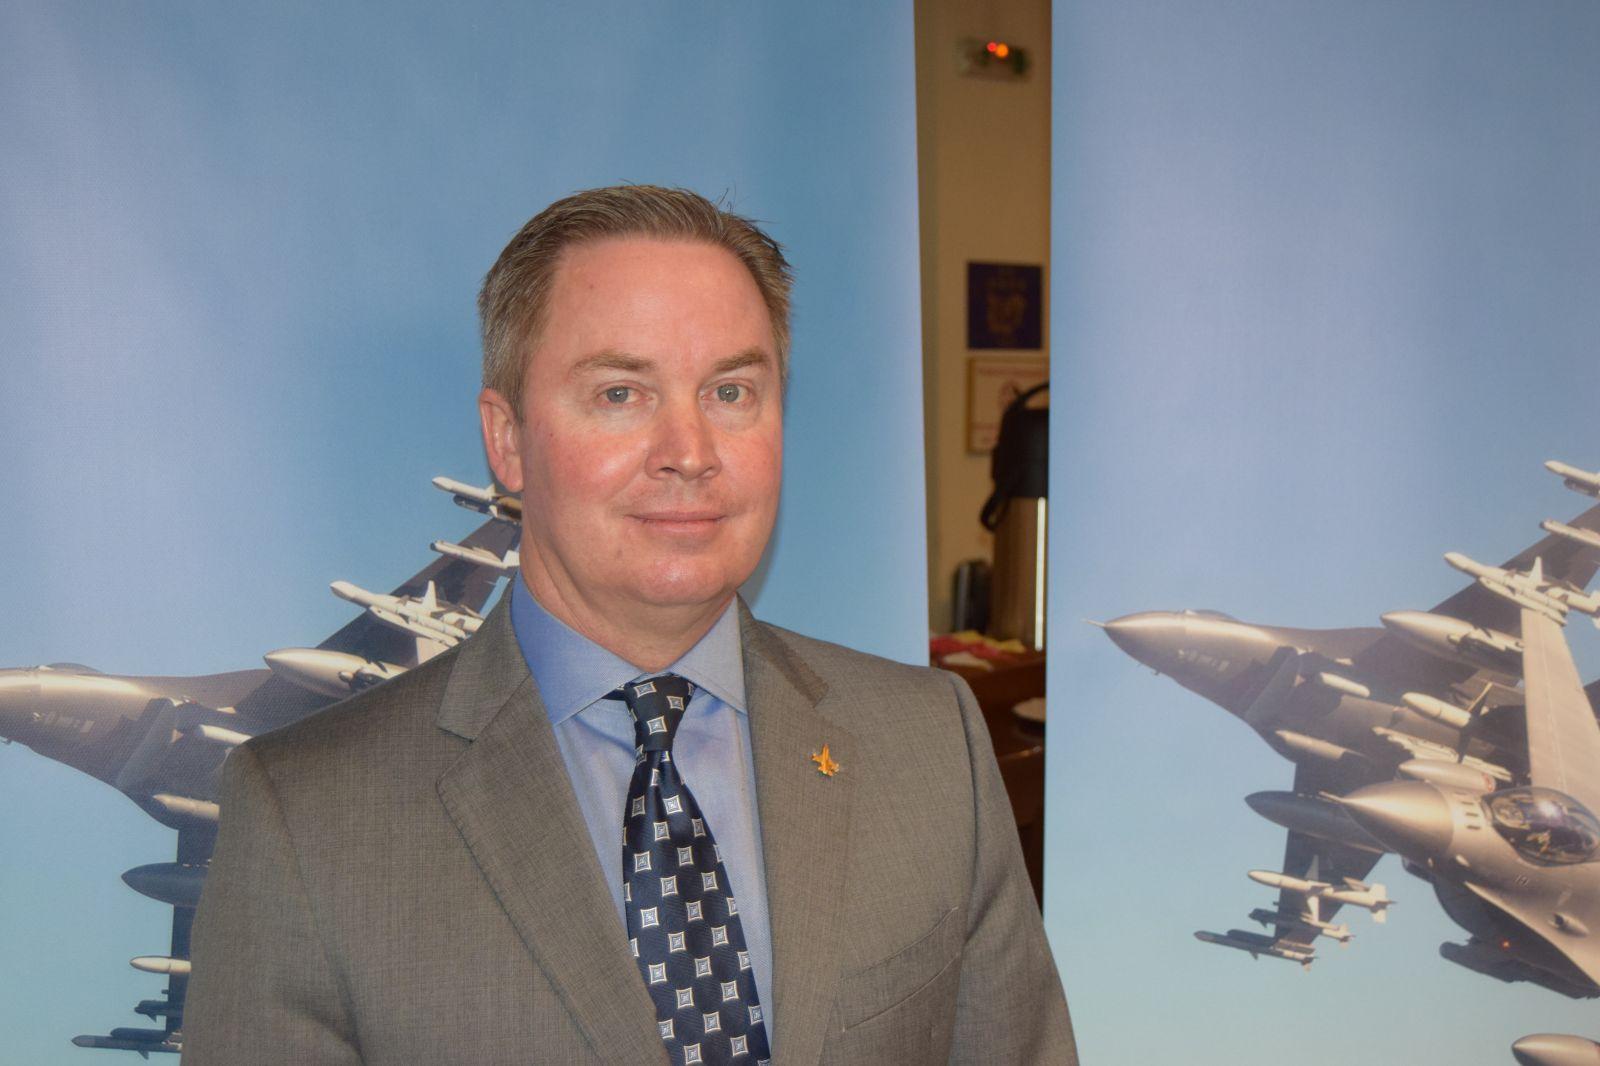 """Българските ВВС ще получат най-модерната версия на F-16. Джеймс Робинсън, директор """"Международно бизнес развитие на F-16"""" в Lockheed Martin пред сп. """"Клуб КРИЛЕ"""""""